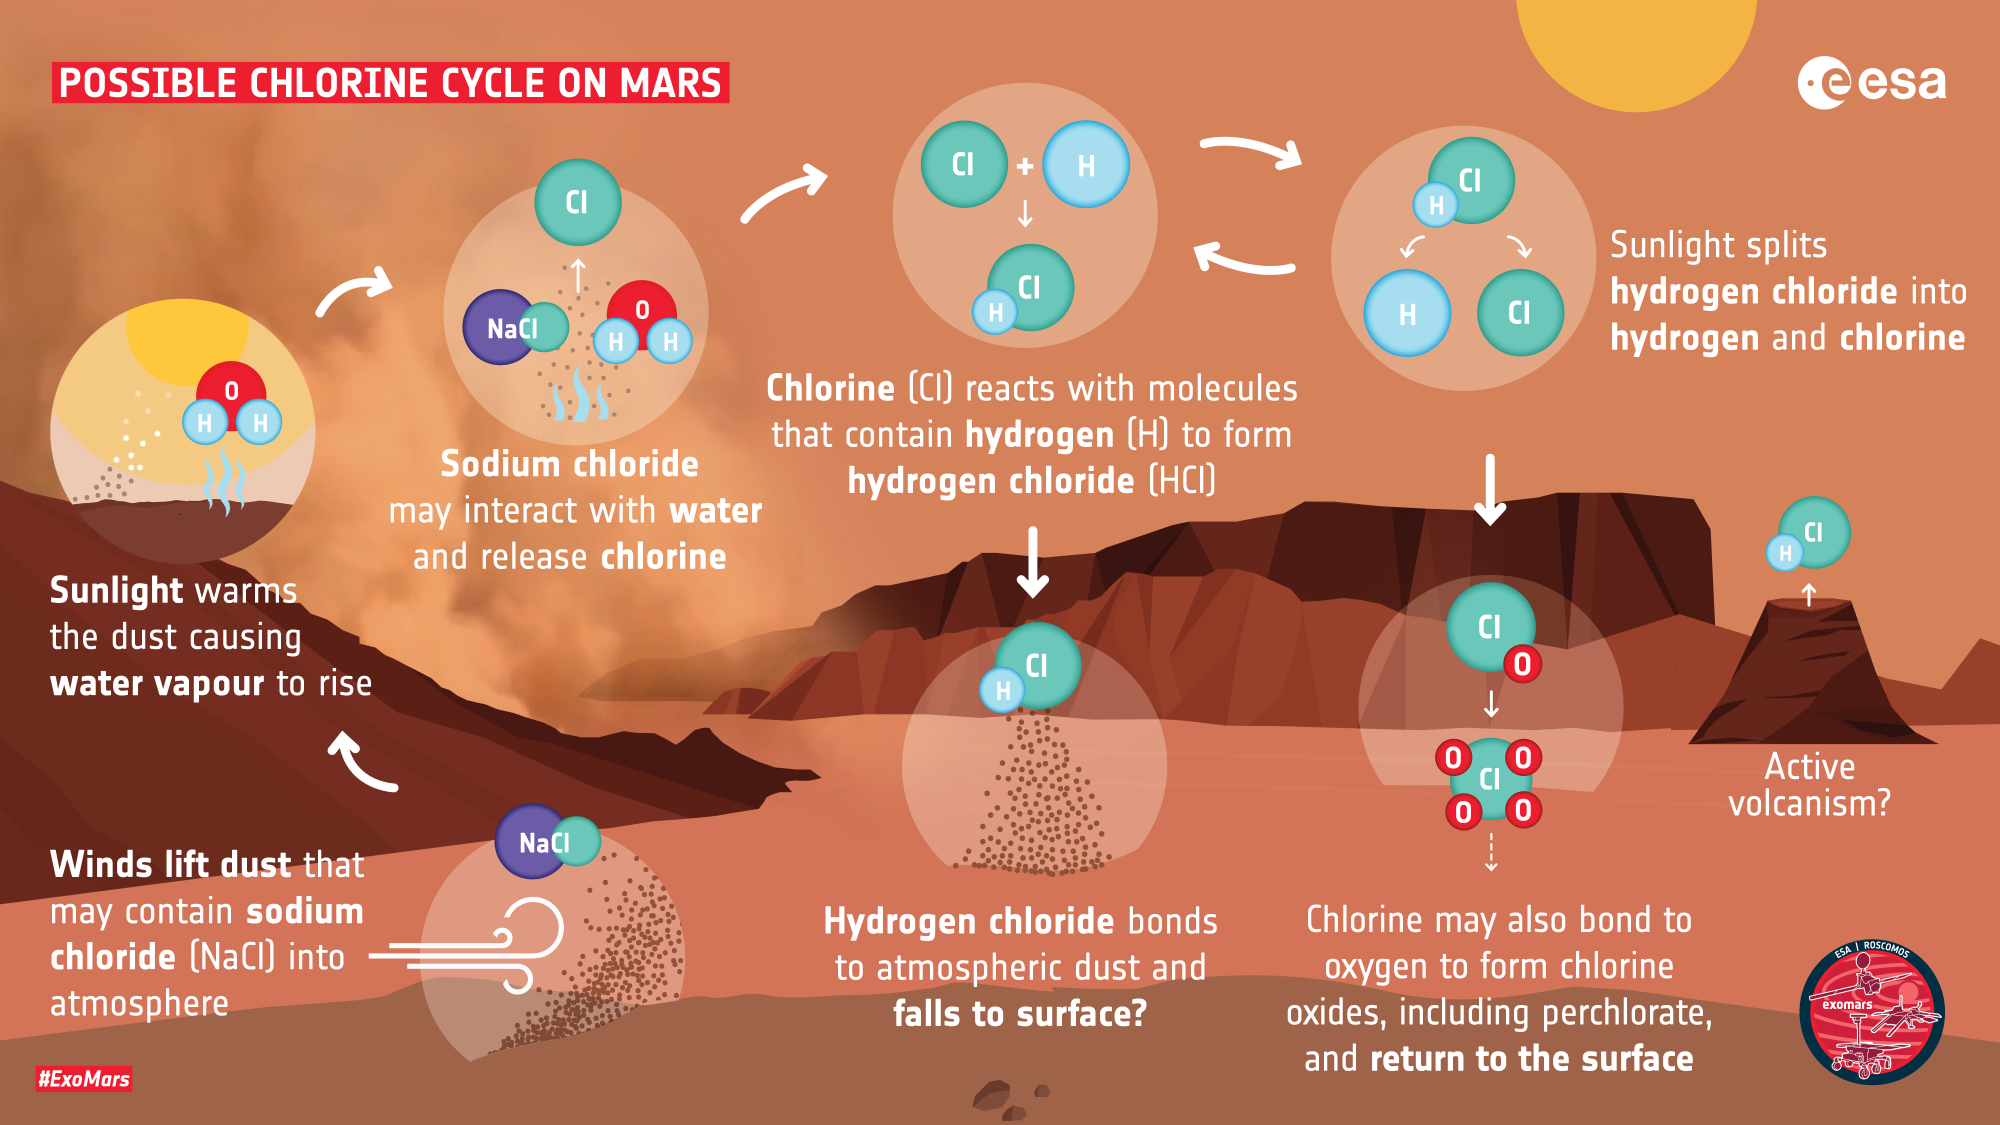 ESA_ExoMars_TGO_possible_HCI_cycle_on_Mars_2k.png